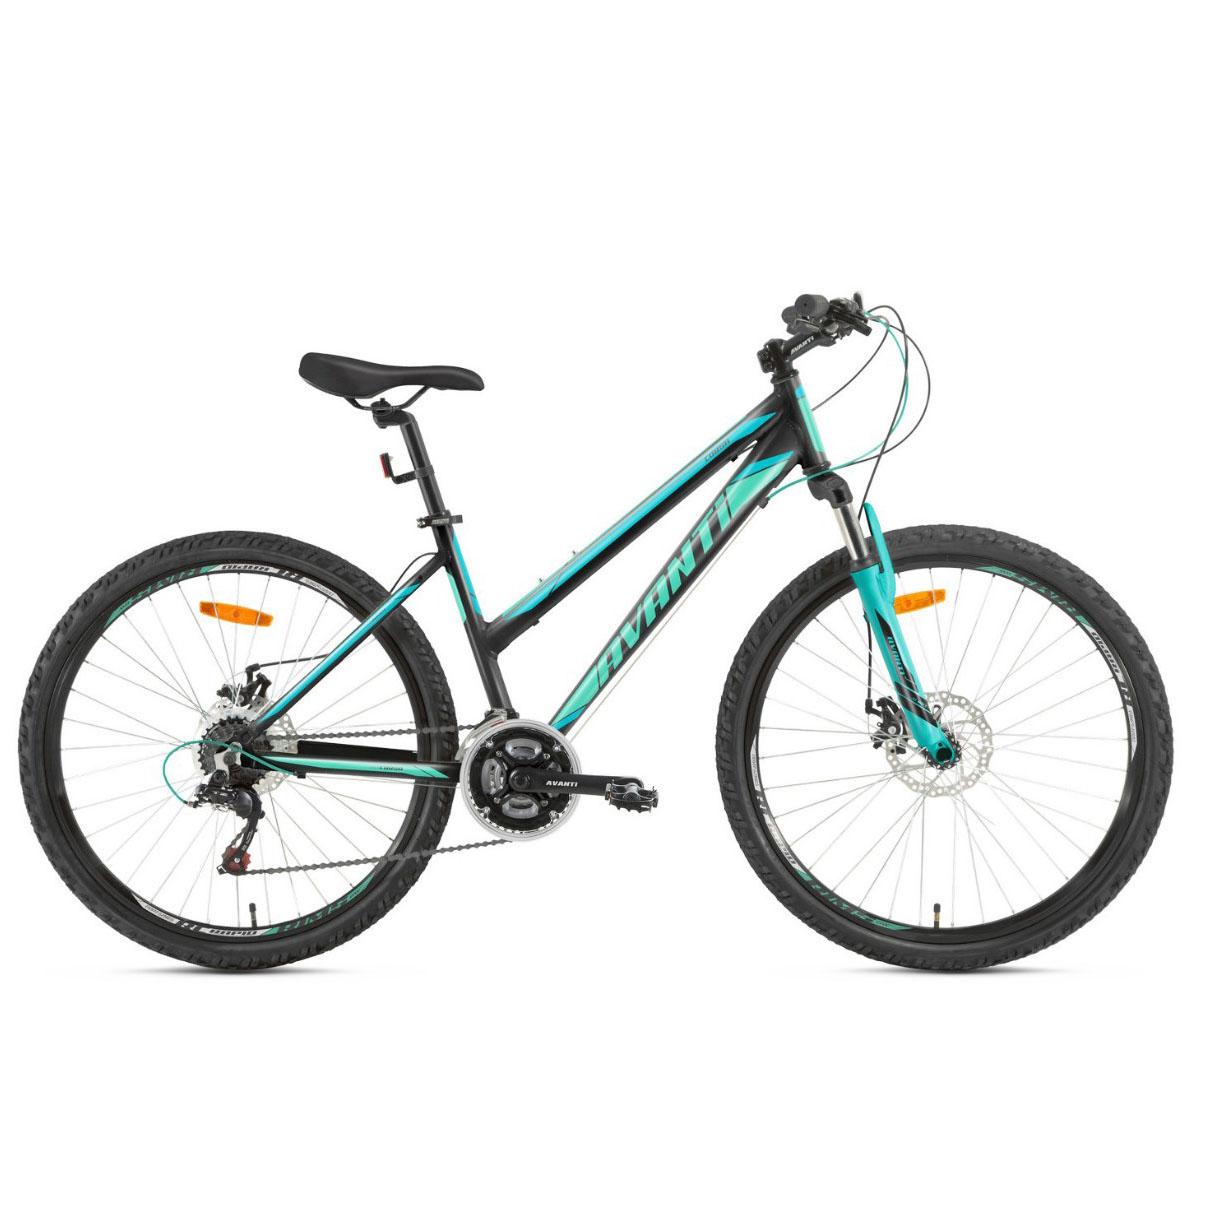 Фото Женский Велосипед  26 Avanti Corsa disk 2018 черно-зеленый